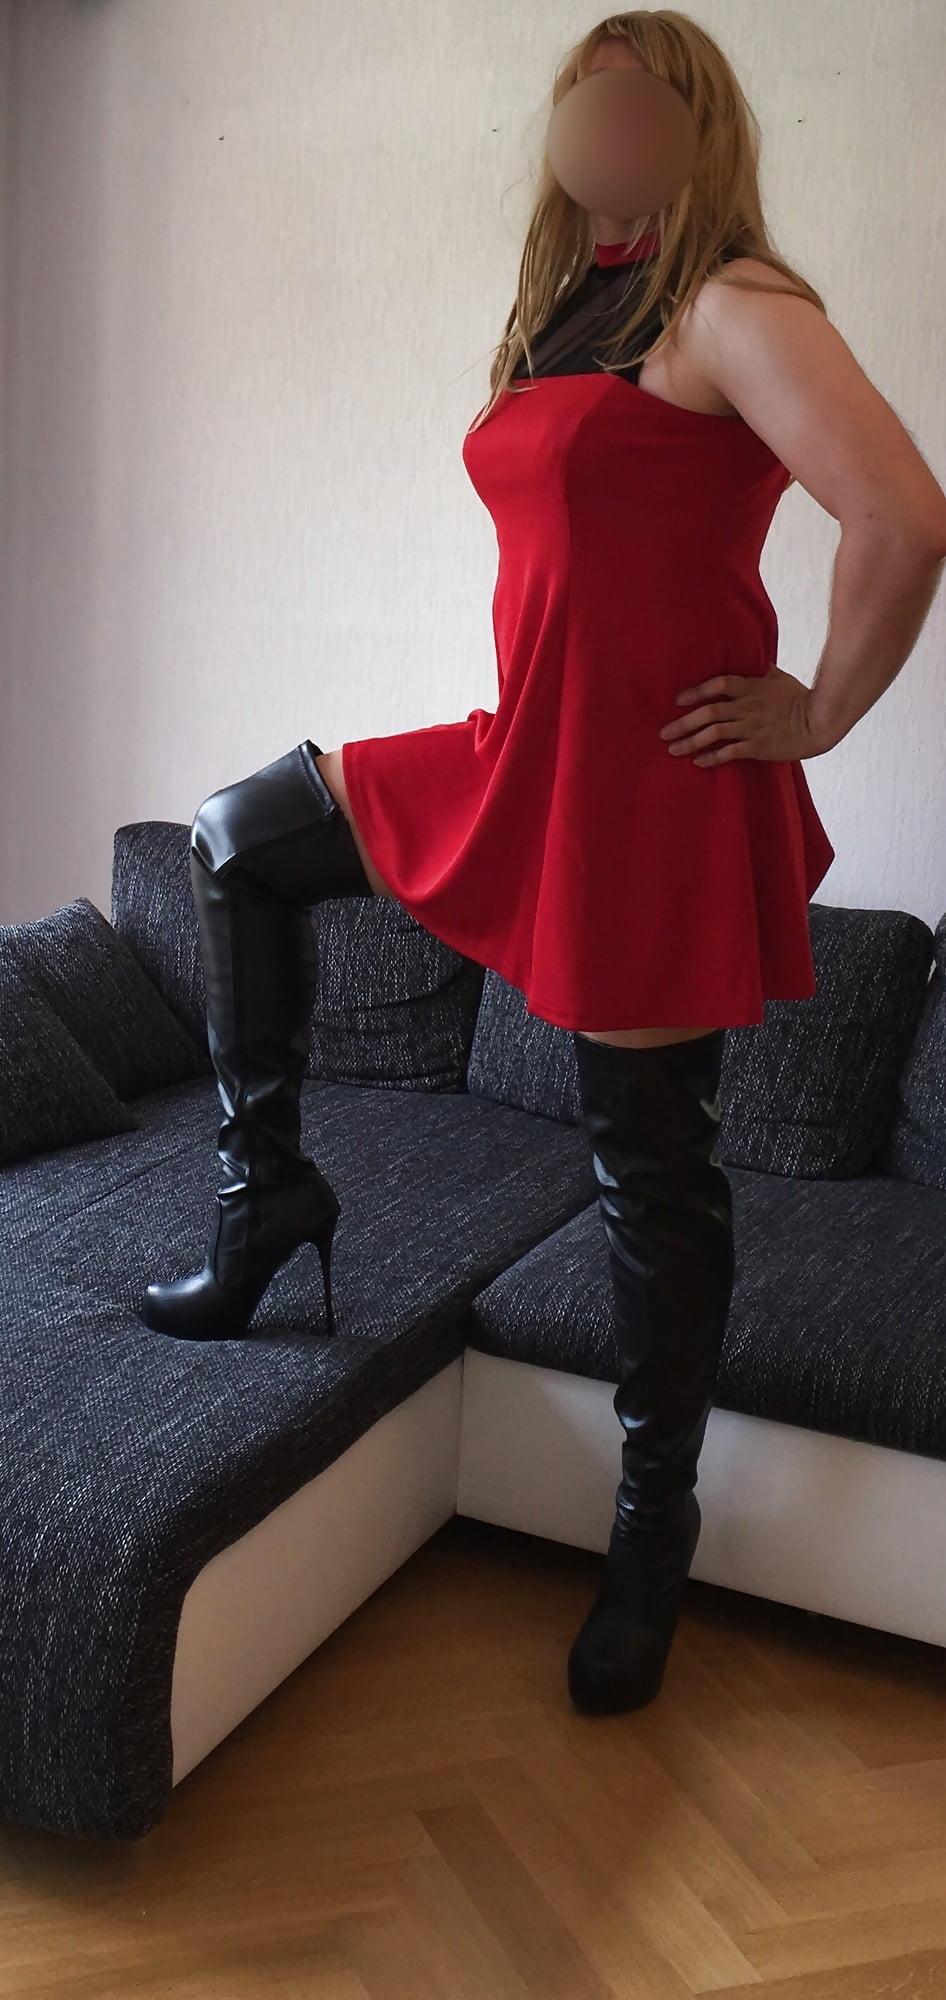 slut-in-thigh-high-boots-garil-sex